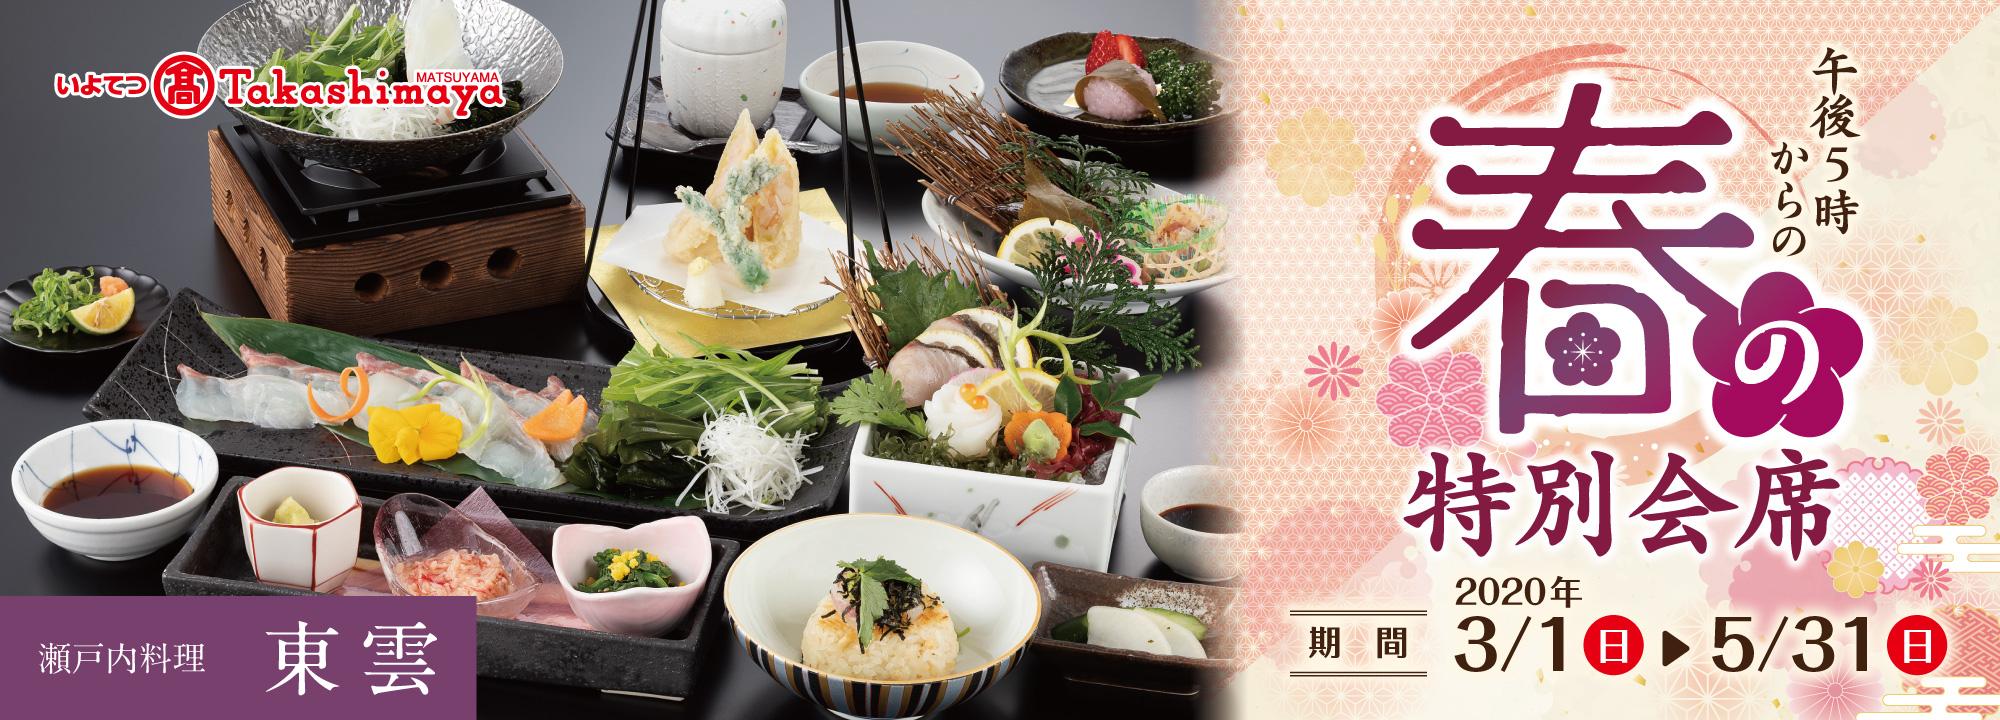 瀬戸内料理東雲 春の特別会席